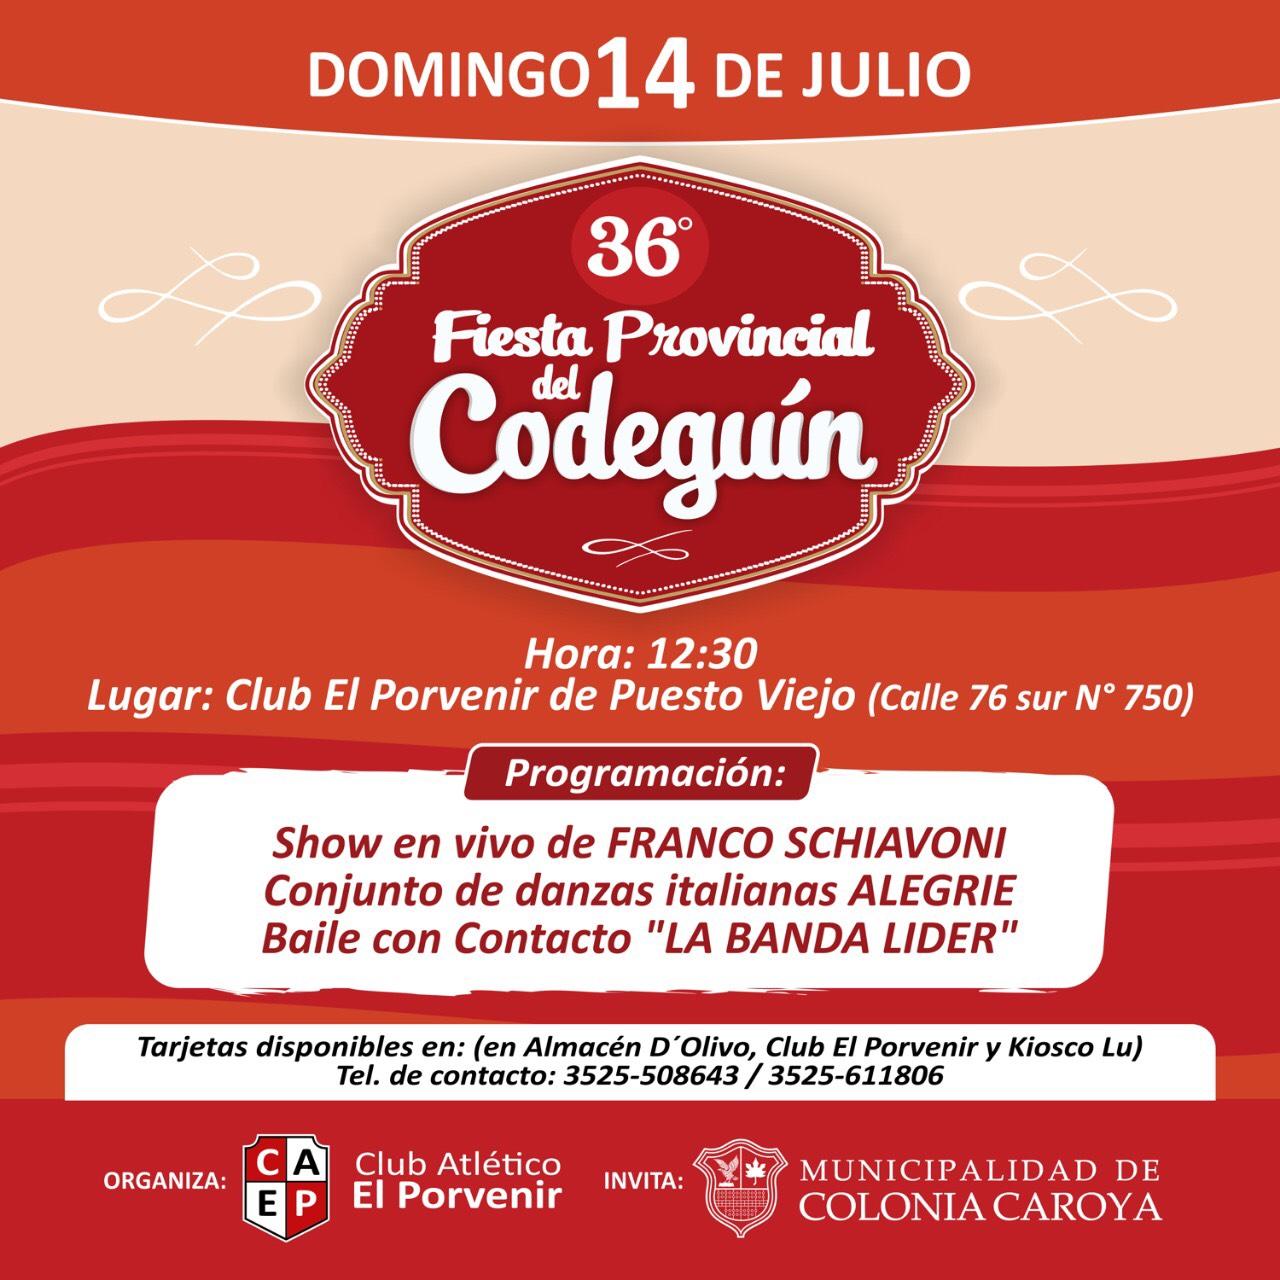 La Fiesta Provincial del Codeguín se presenta en Colonia Caroya